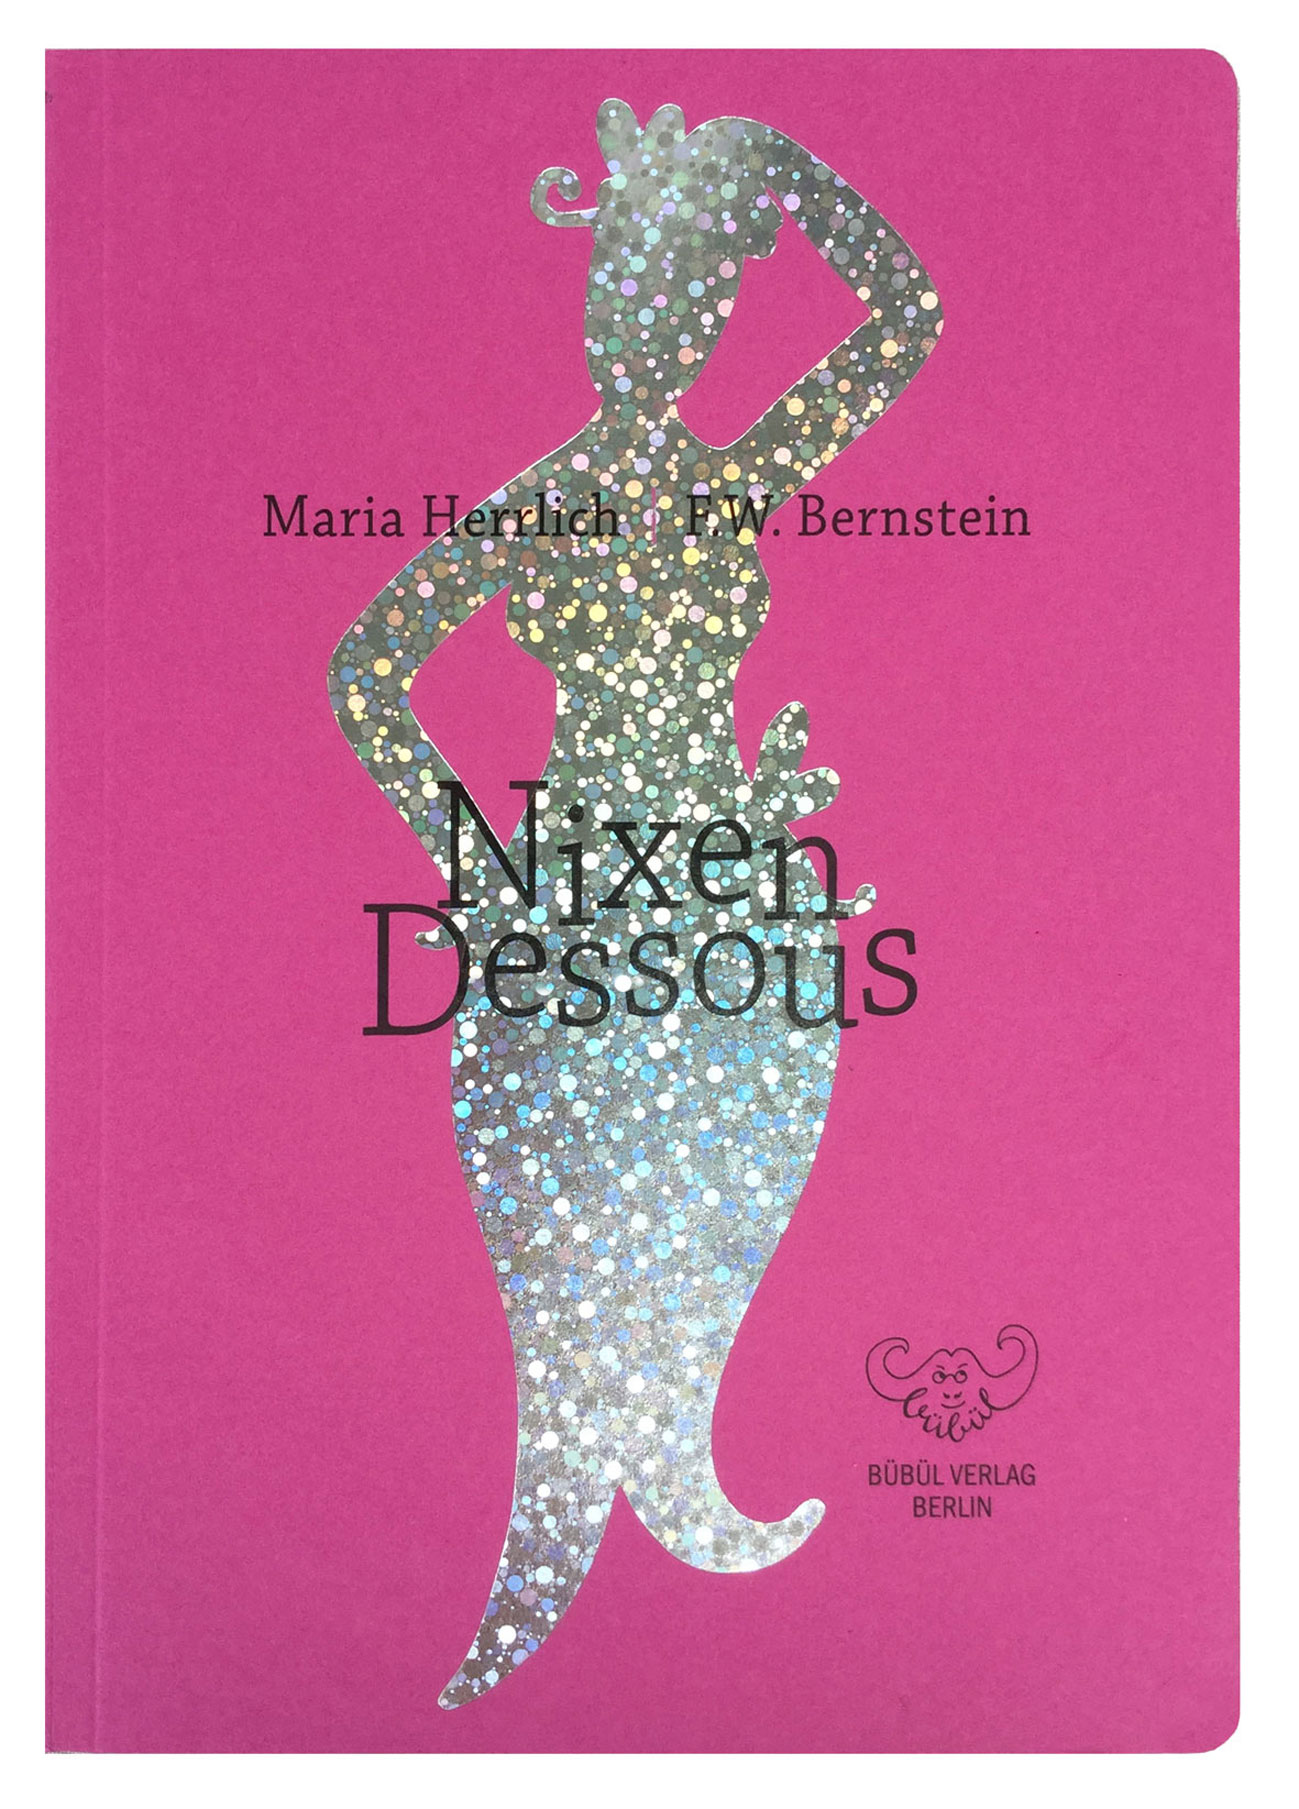 Nixen-Dessous - Gedichte von F.W. Bernstein mit Zeichnungen von Maria Herrlich